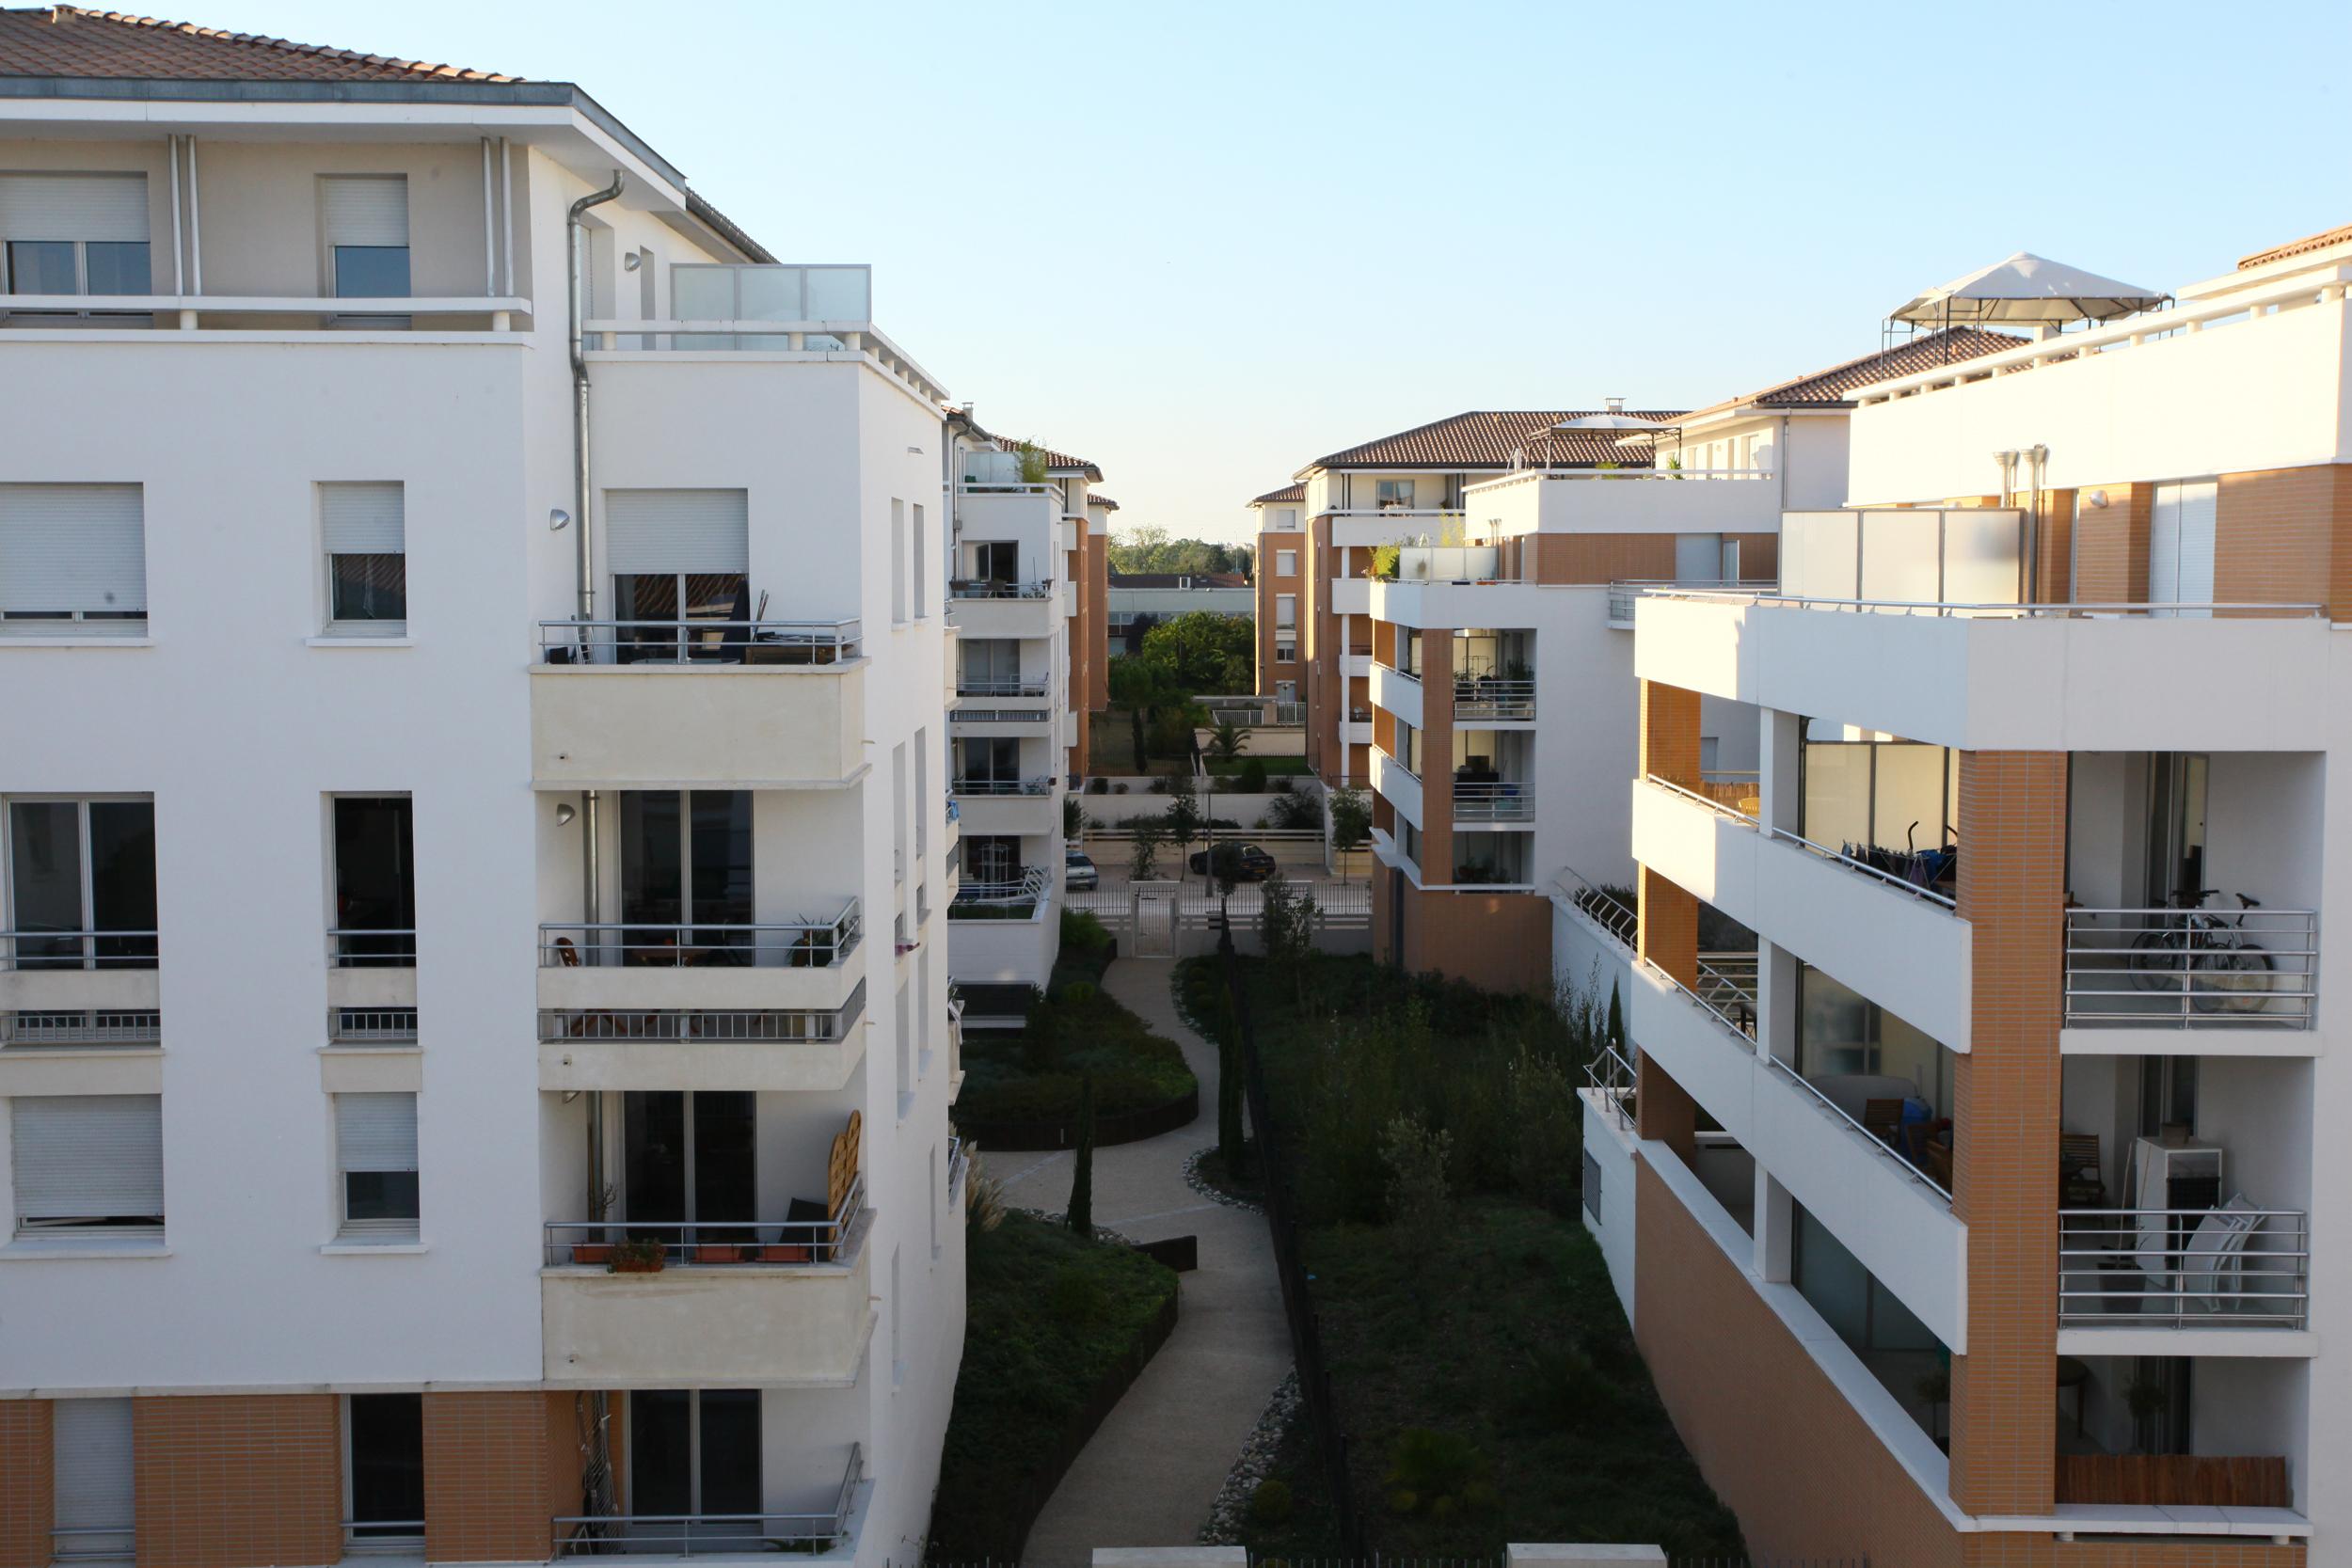 Demande maison hlm nantes ventana blog for Appartement bordeaux nord